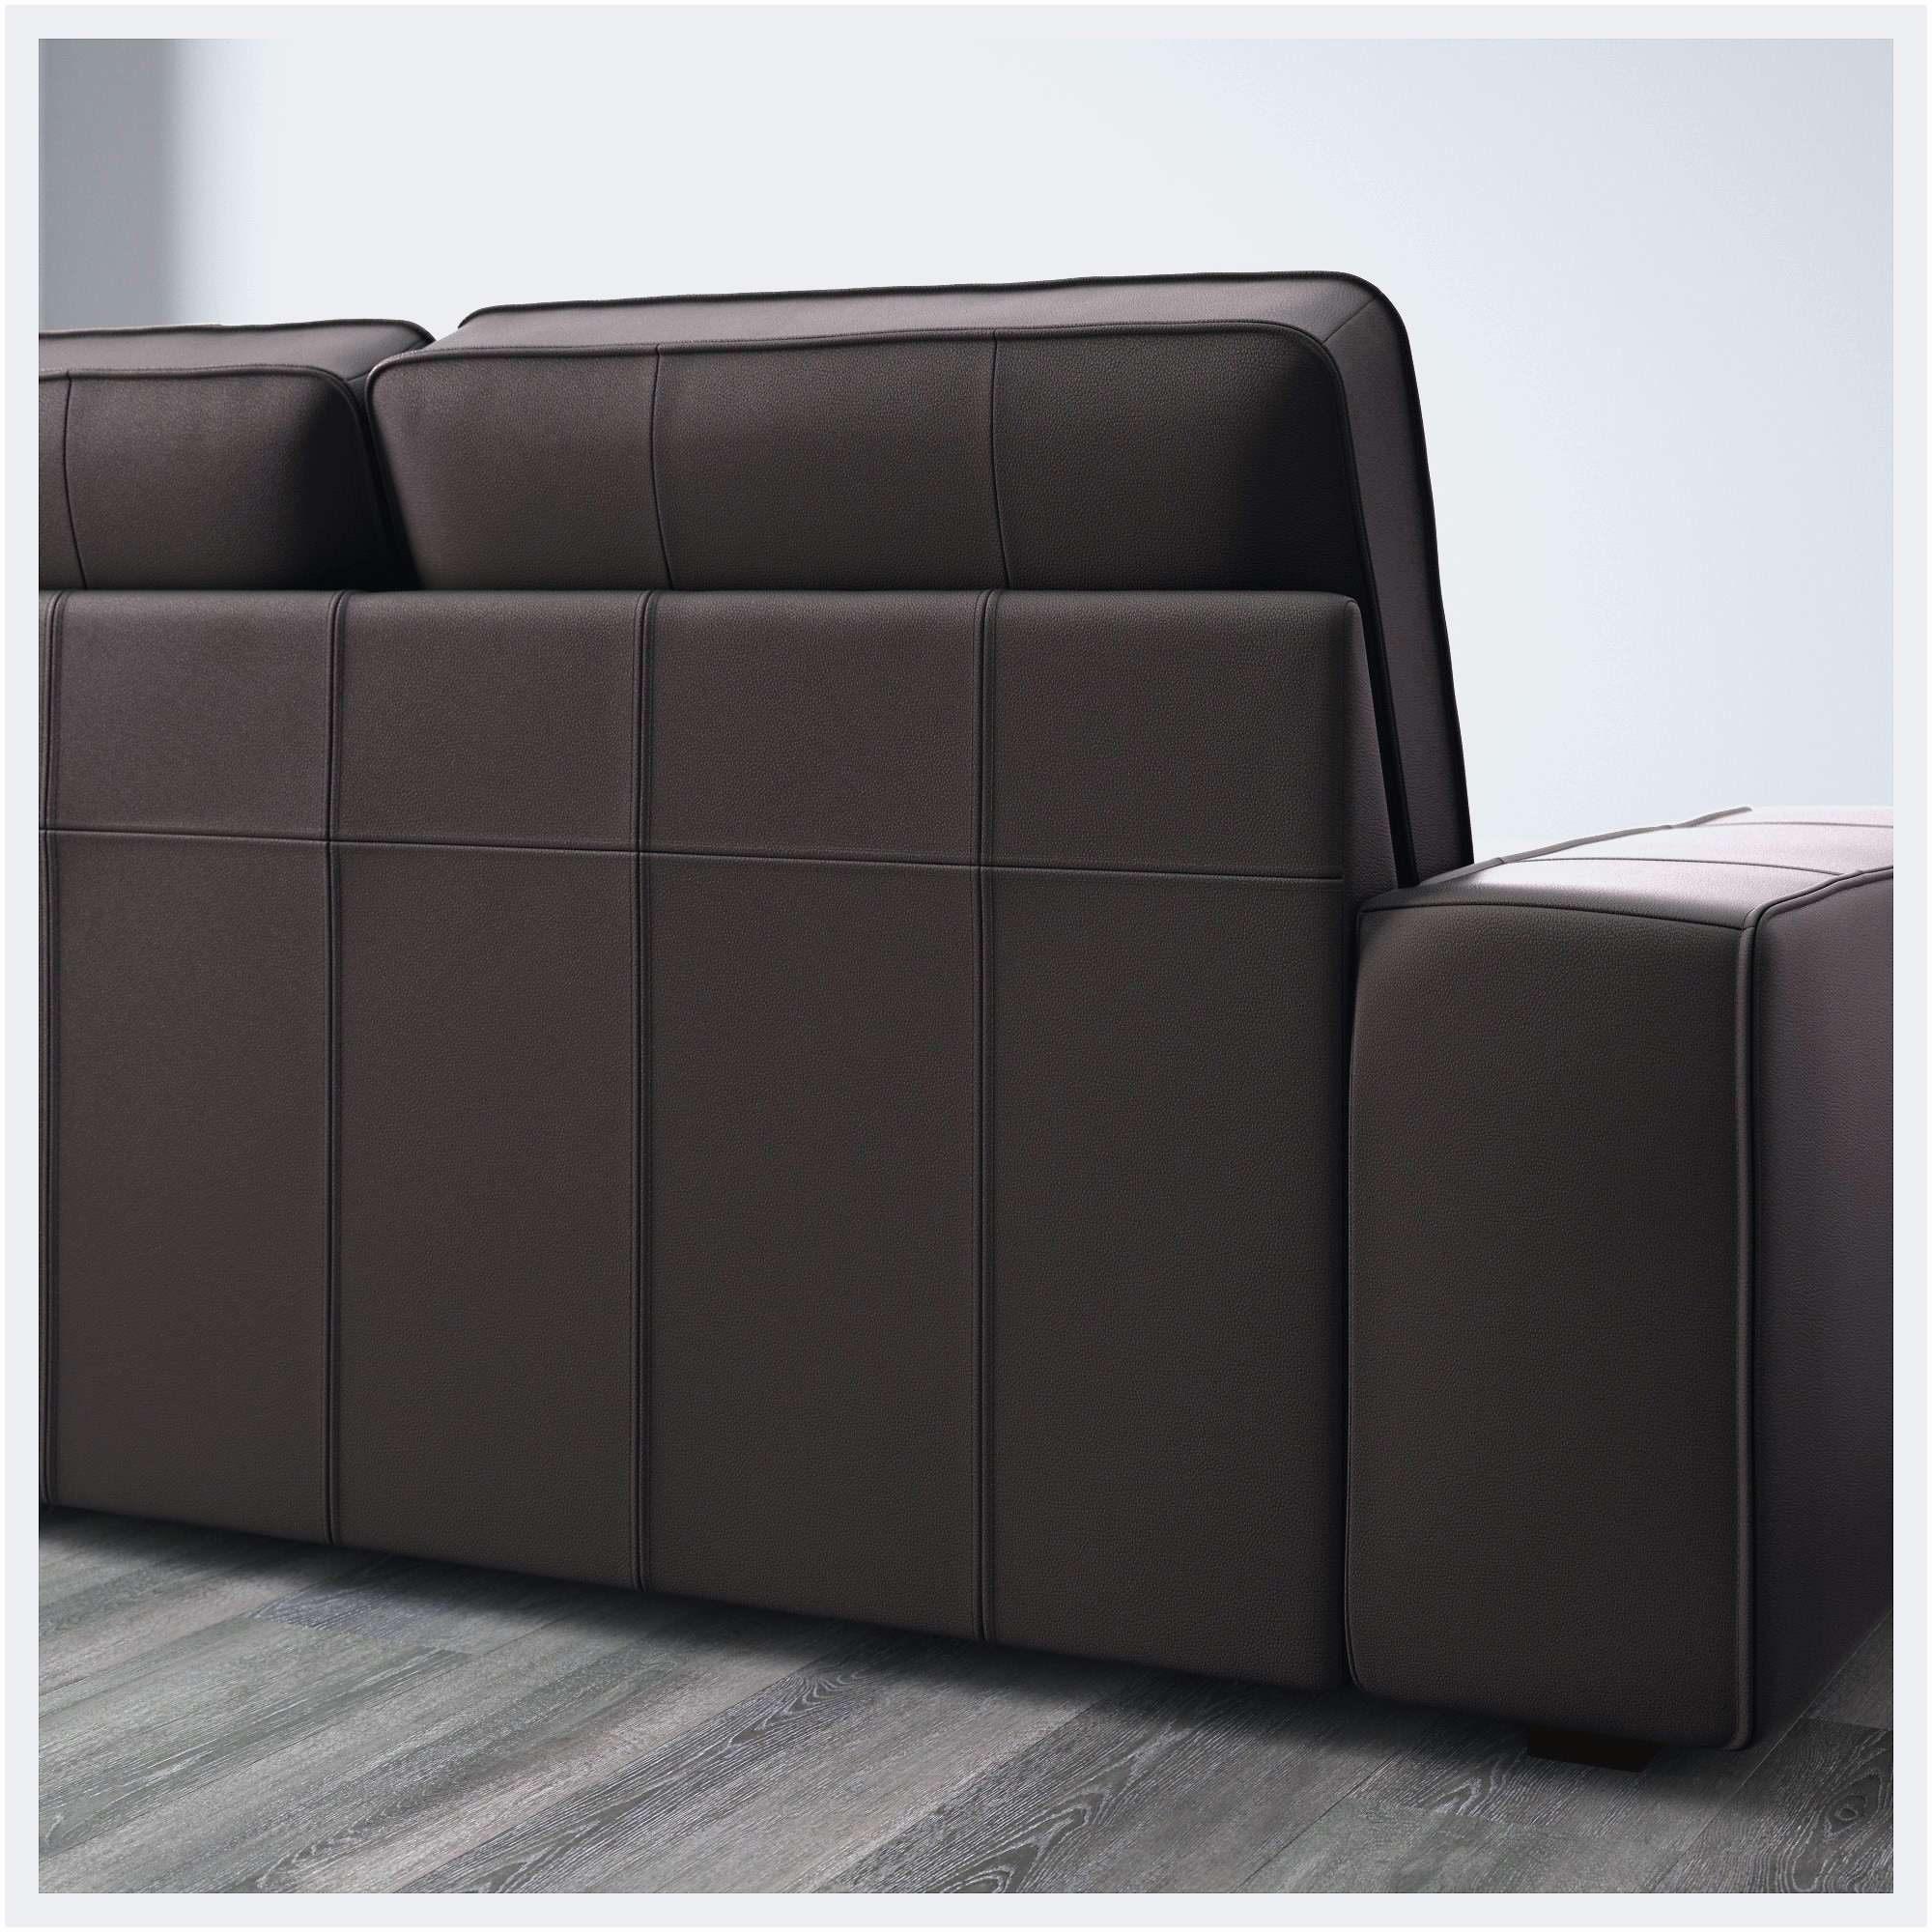 Lit Superposé Gigogne Inspiré 60 Canapé Lit Gigogne Ikea Vue Jongor4hire